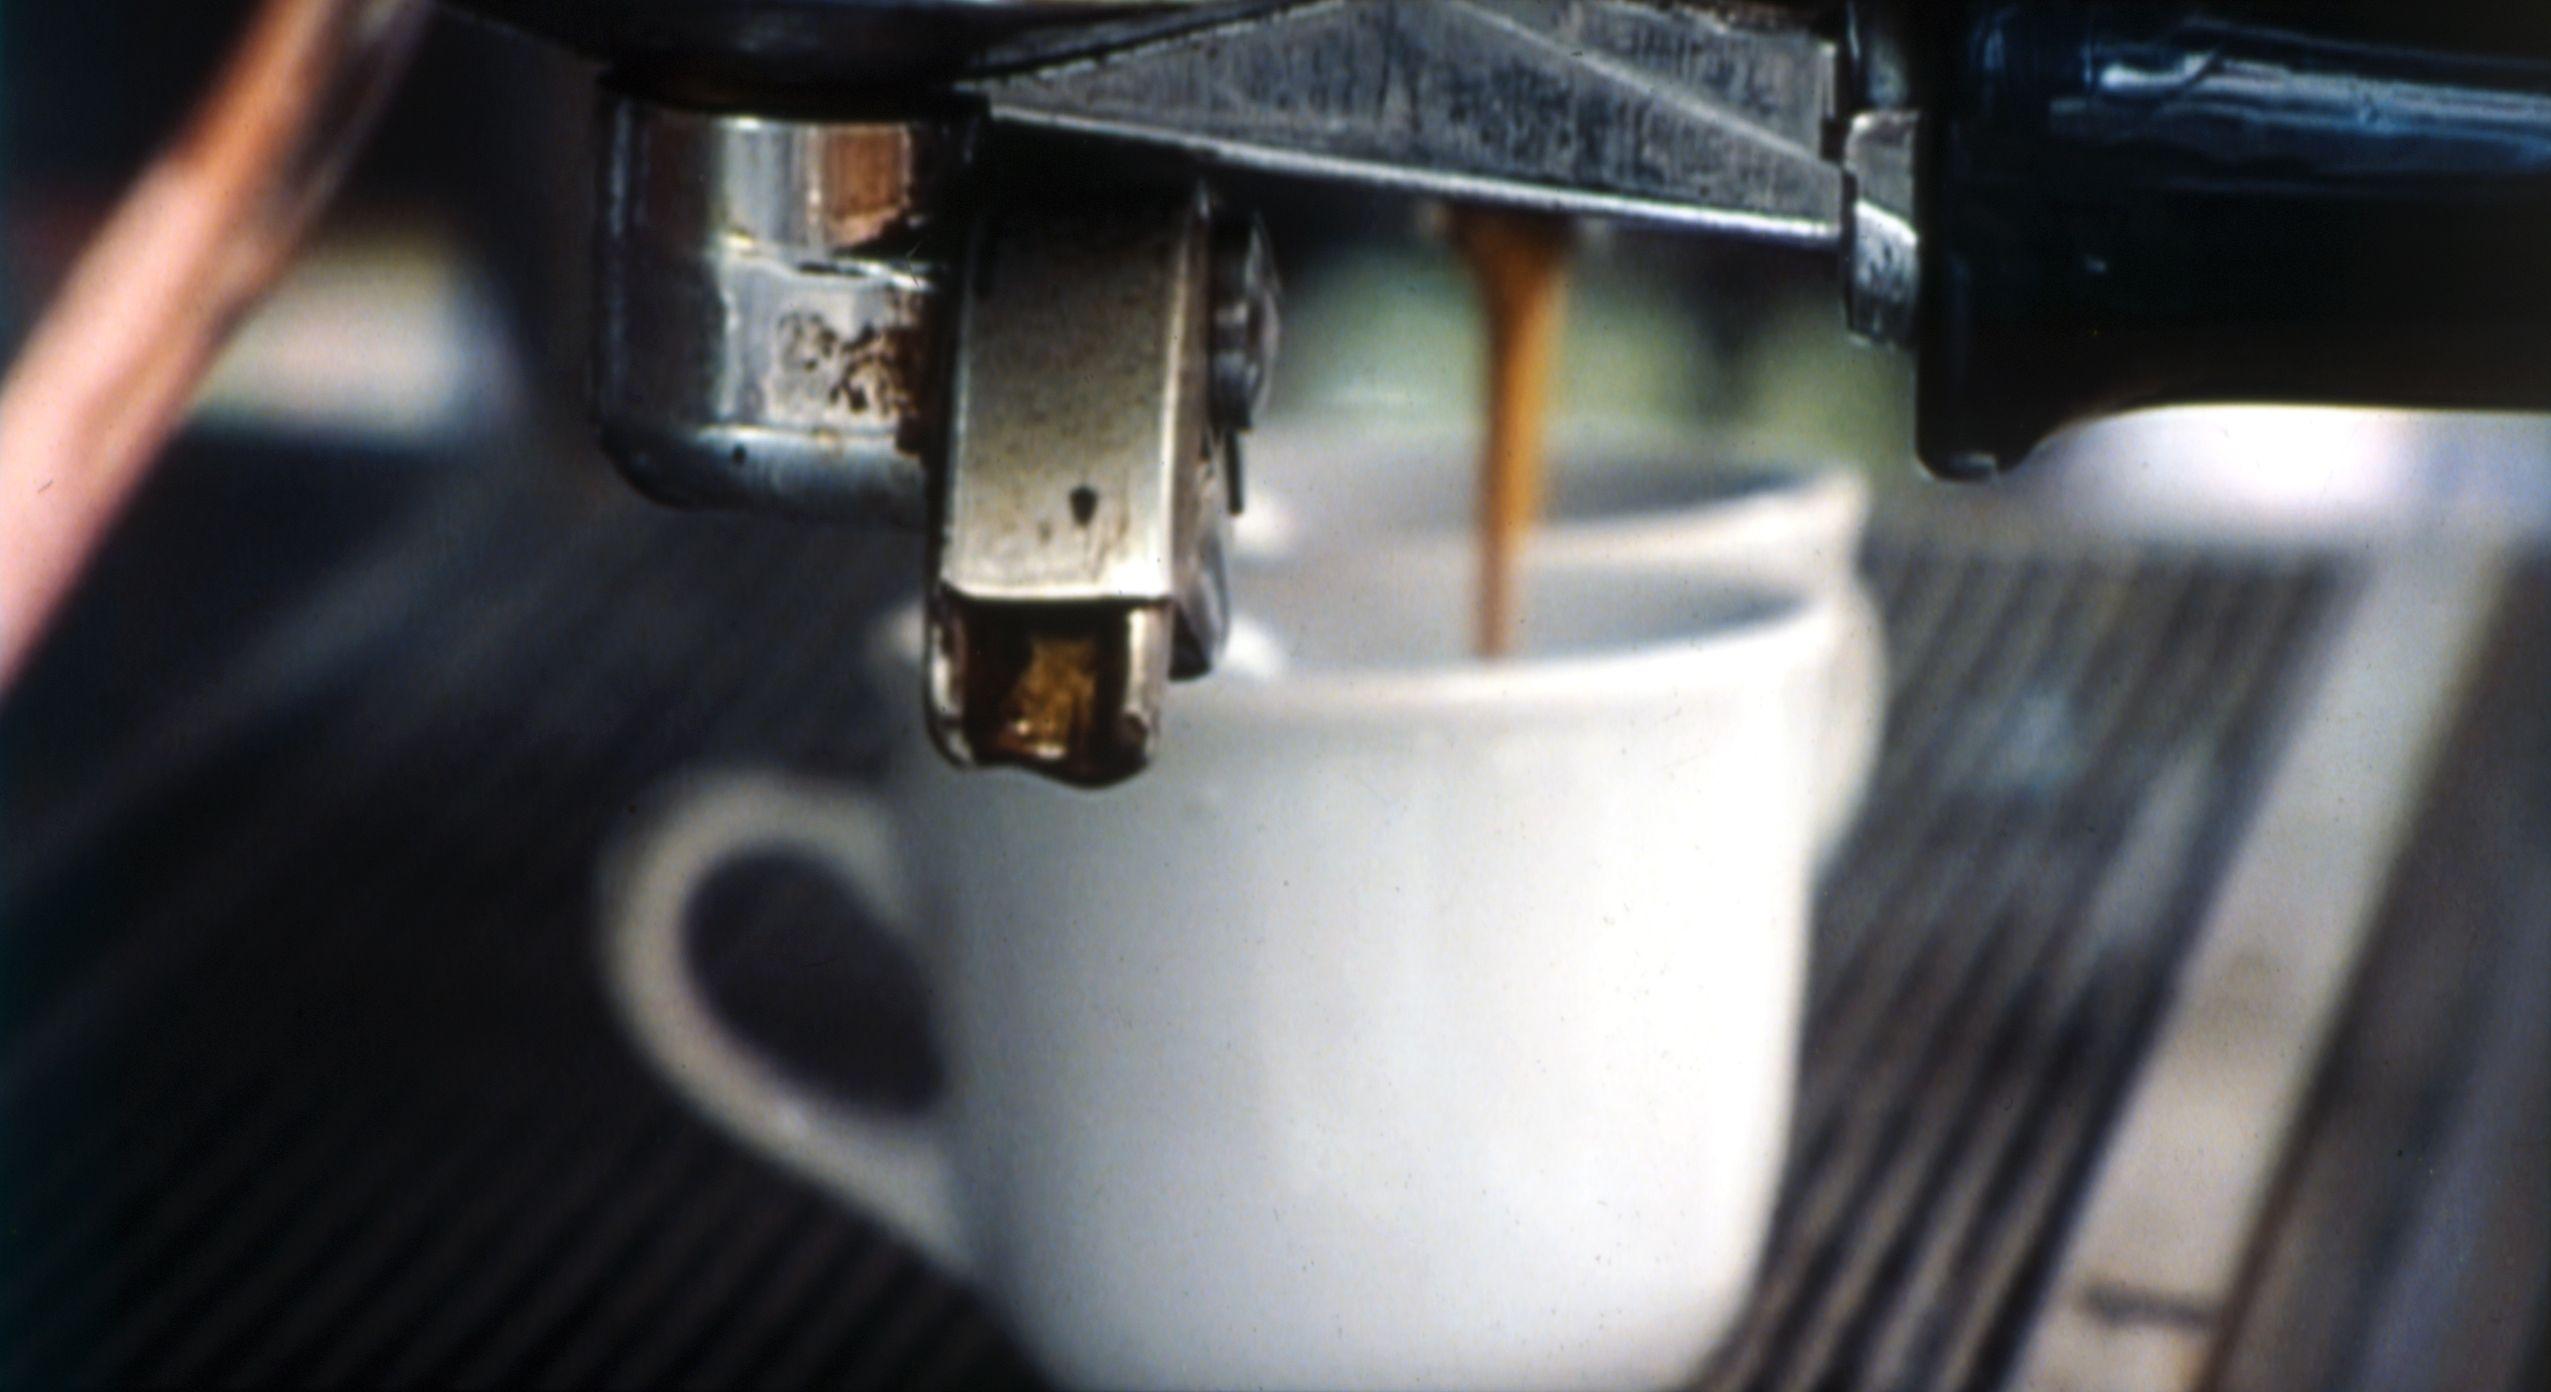 Mann, kvinne, kaffe. Hvor mange kopper har du drukket idag?